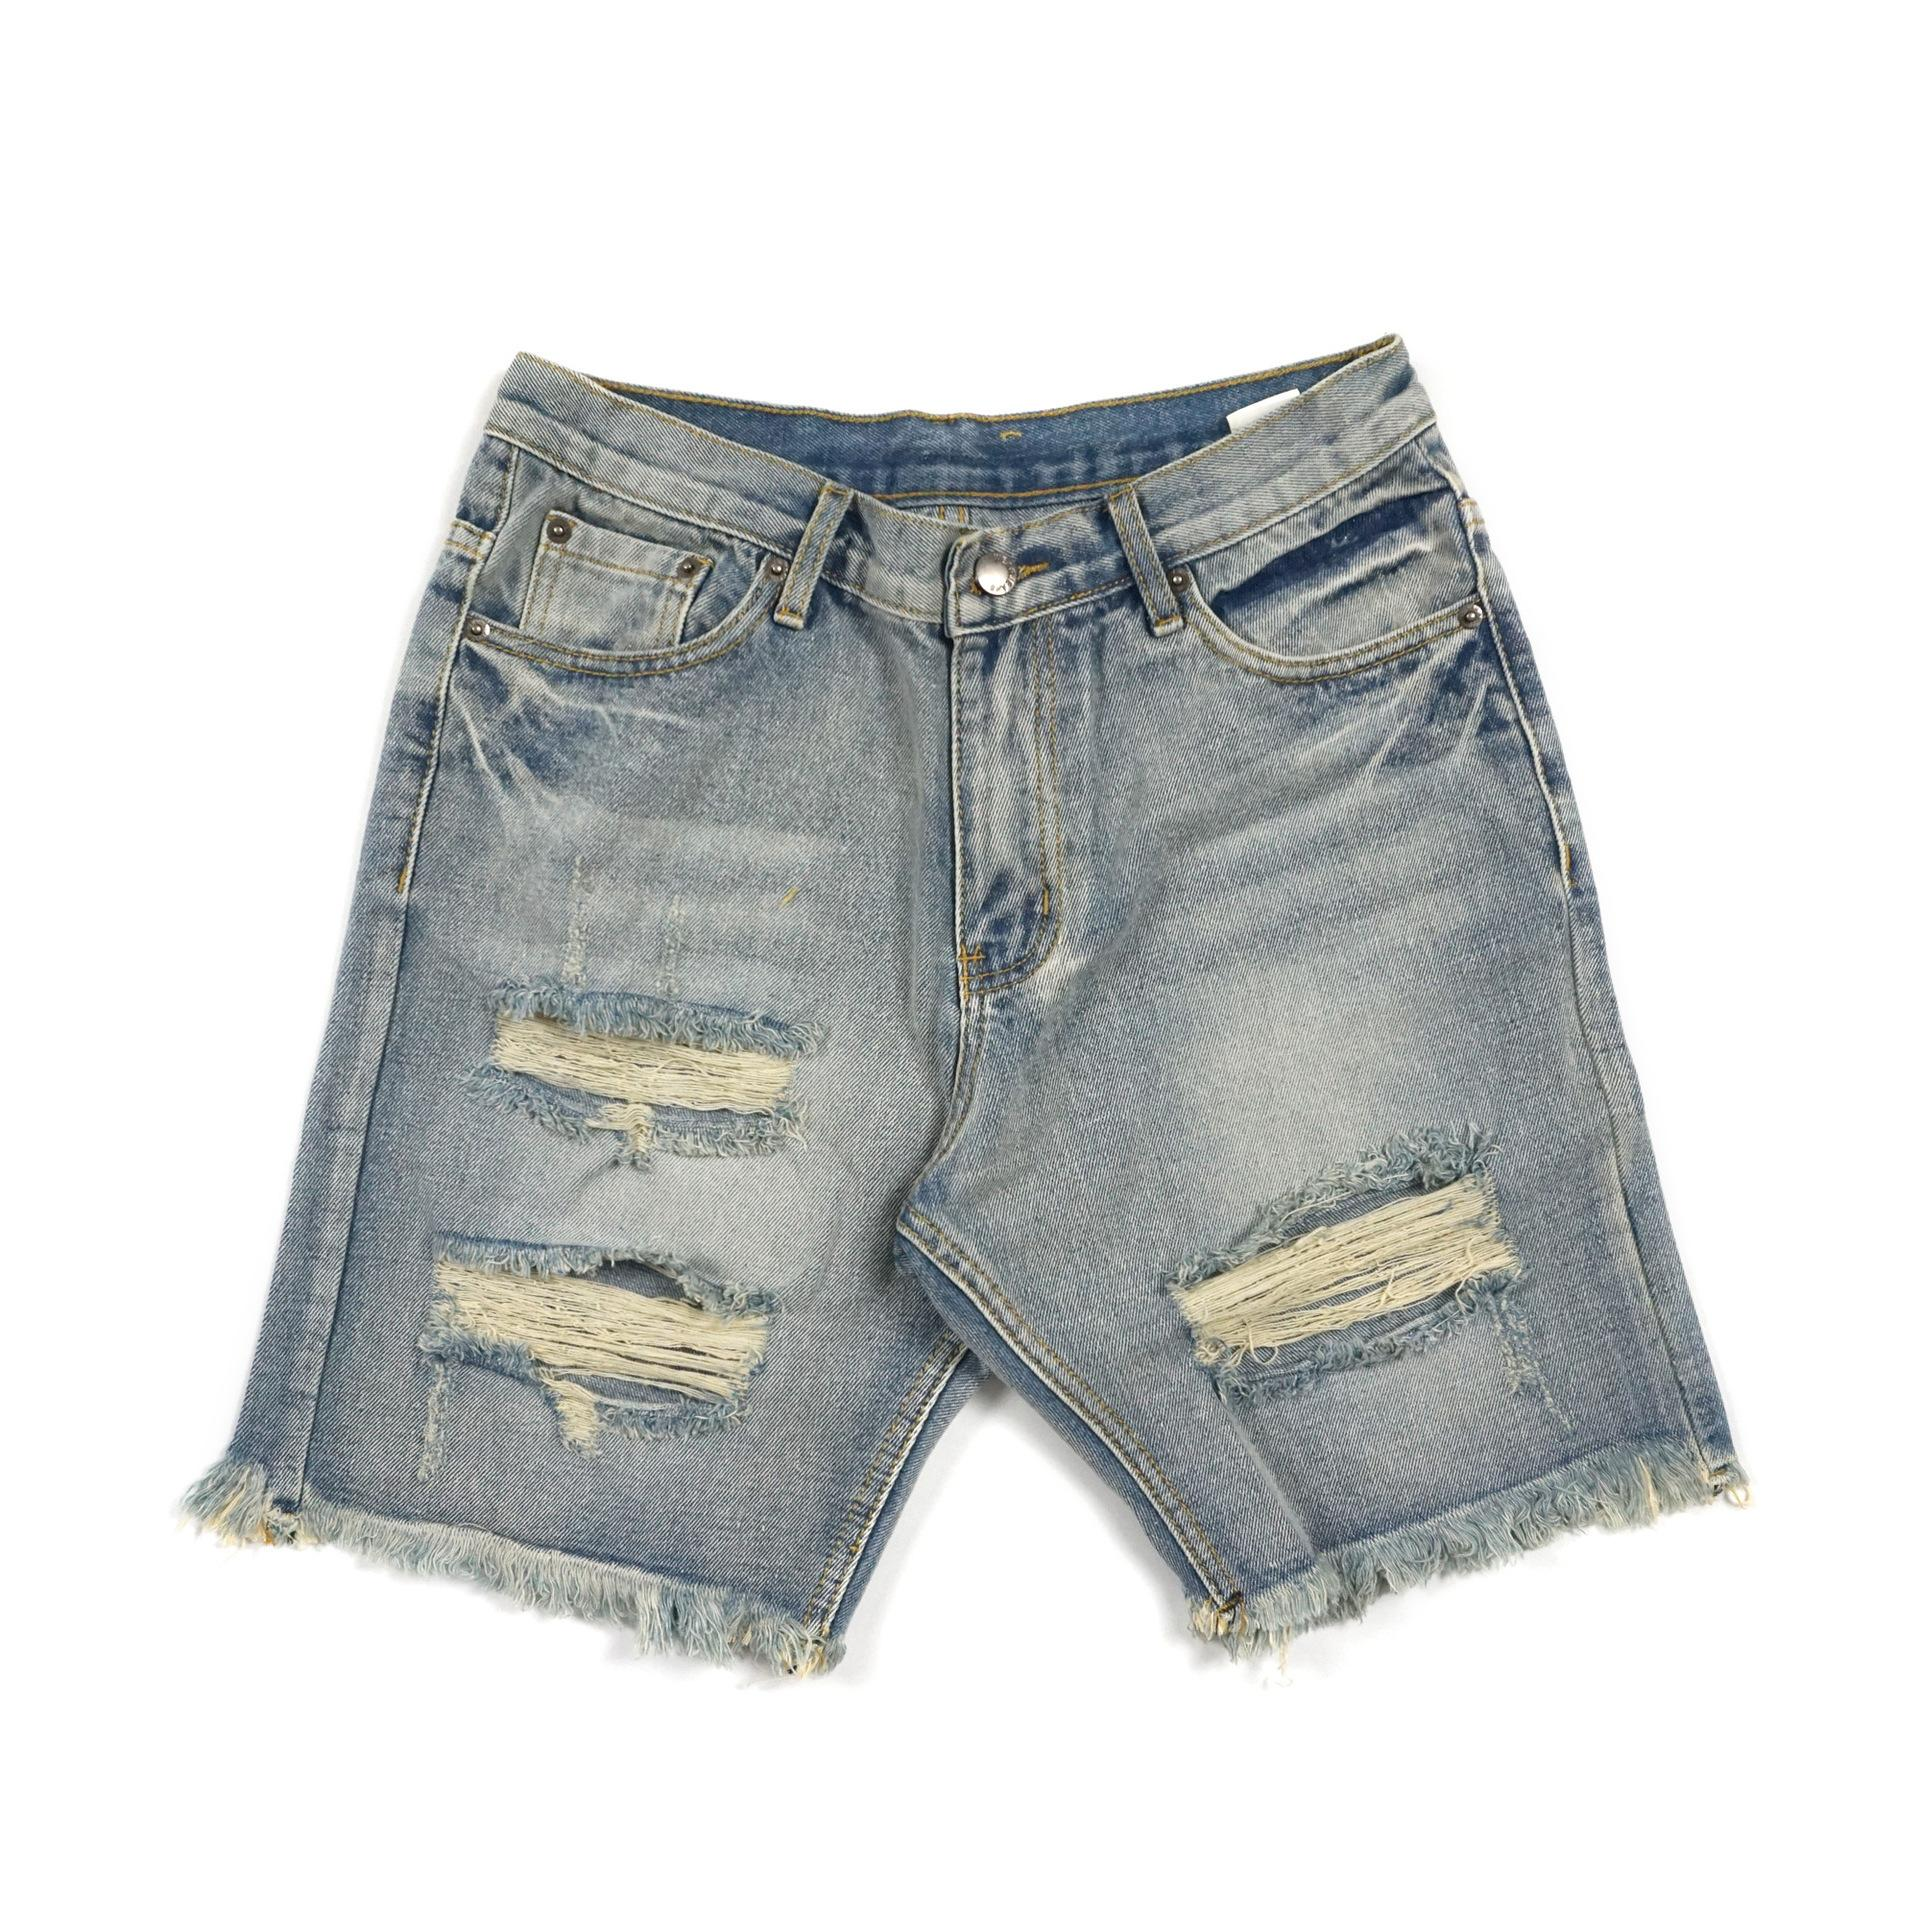 Pantalones de la playa de lujo para hombre nuevo de la manera pone en cortocircuito diseñador ocasional Junta color sólido Pantalones cortos Calle original Alta Mendigo agujero lavado de mezclilla pantalones cortos